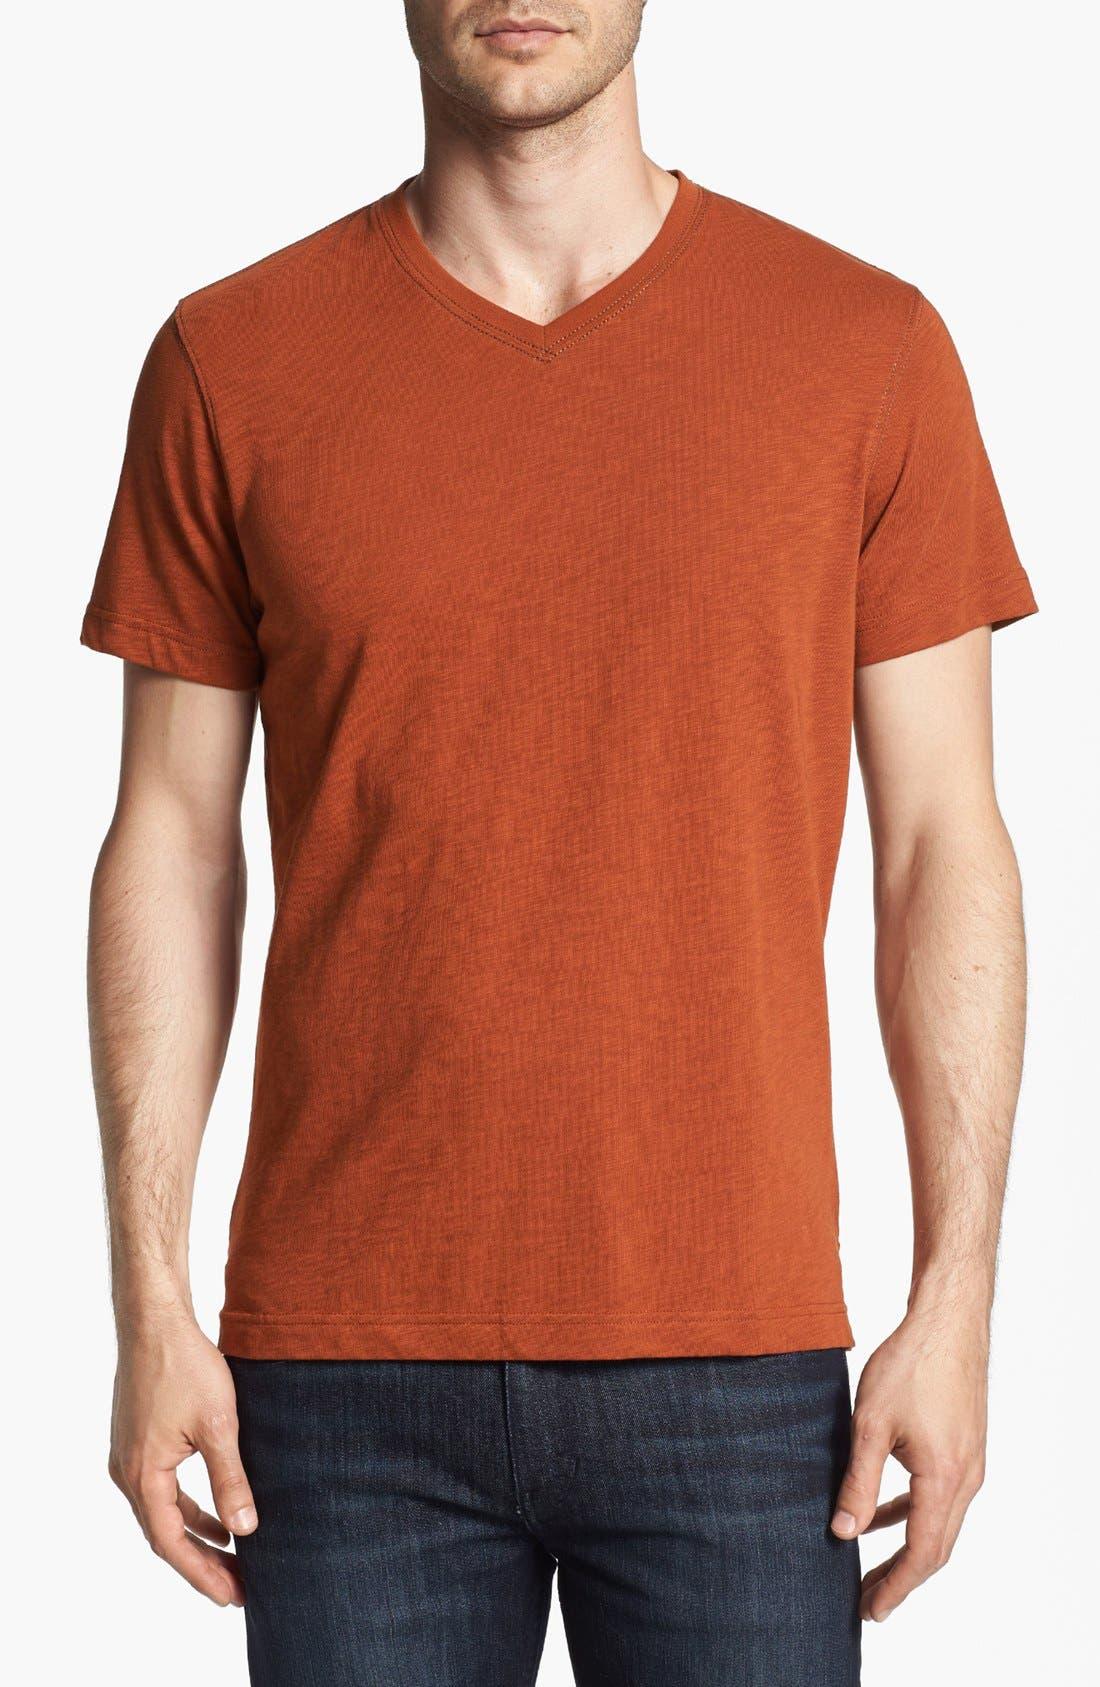 Alternate Image 1 Selected - Robert Barakett 'Miami' V-Neck T-Shirt